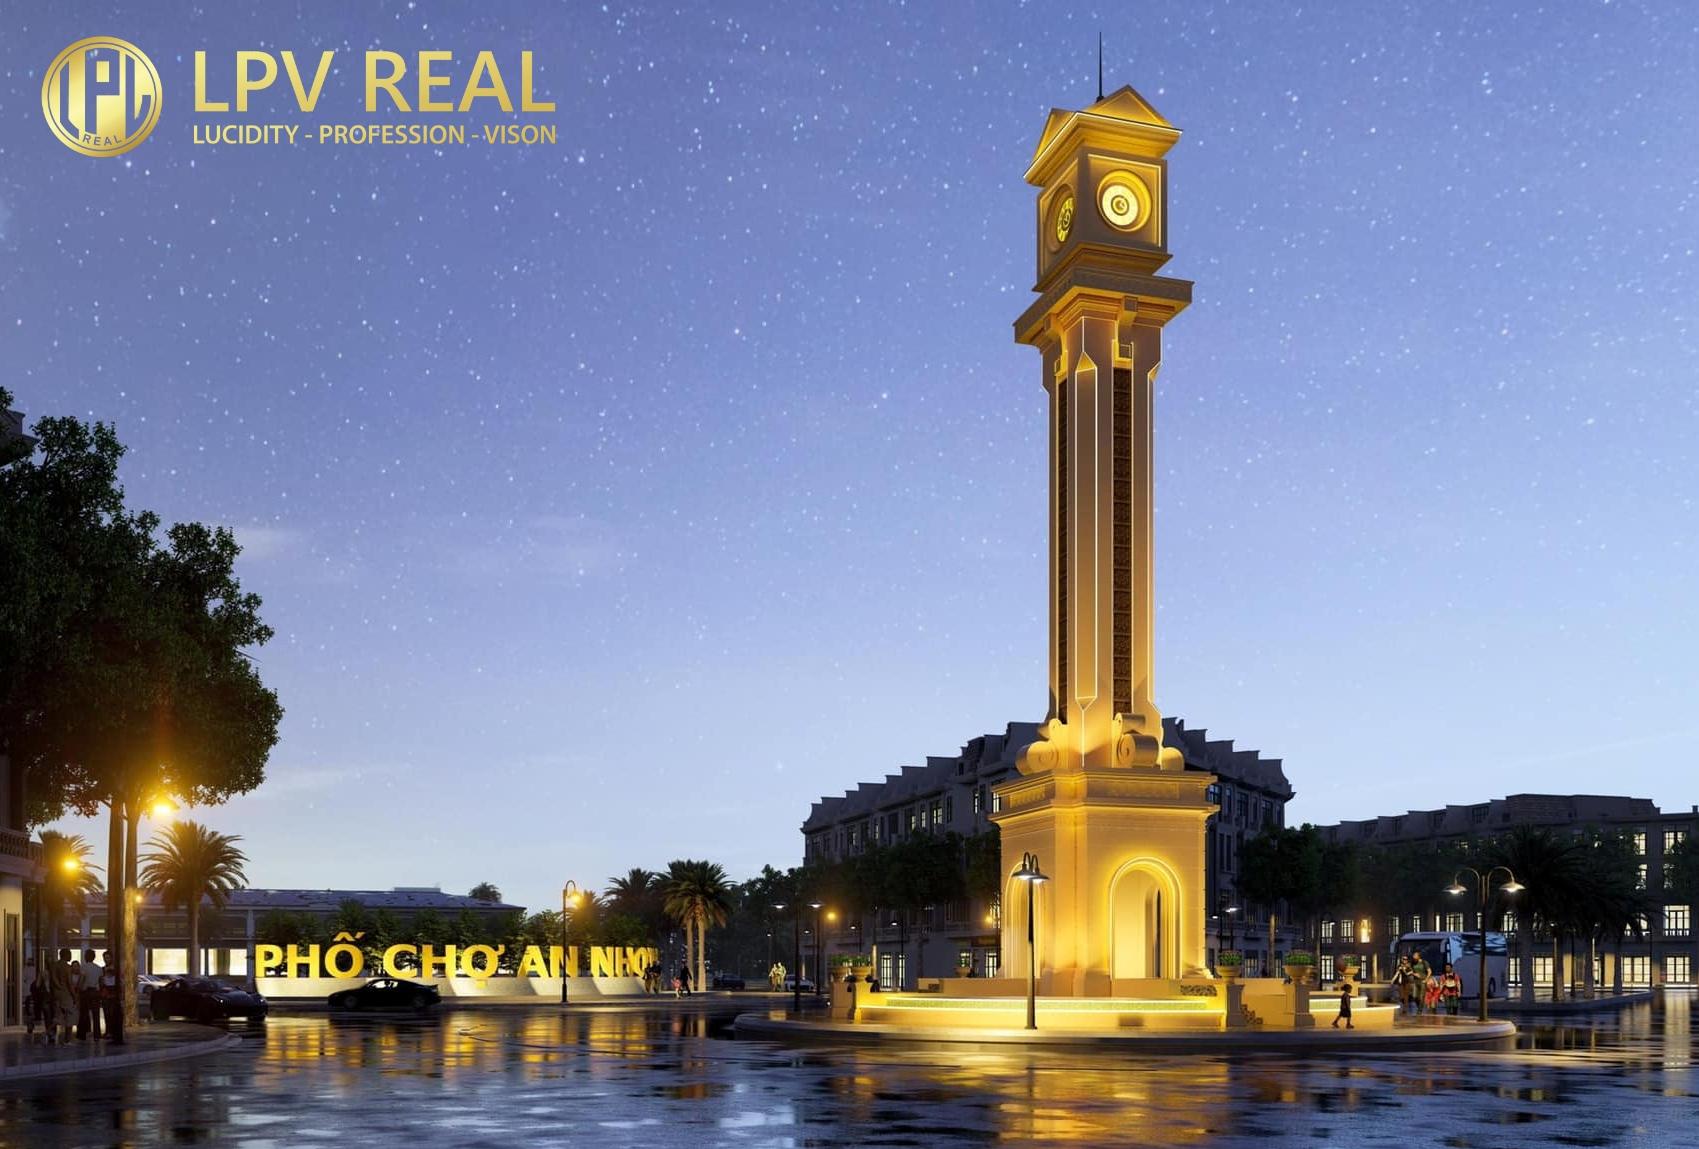 pho cho an nhon hung dinh city